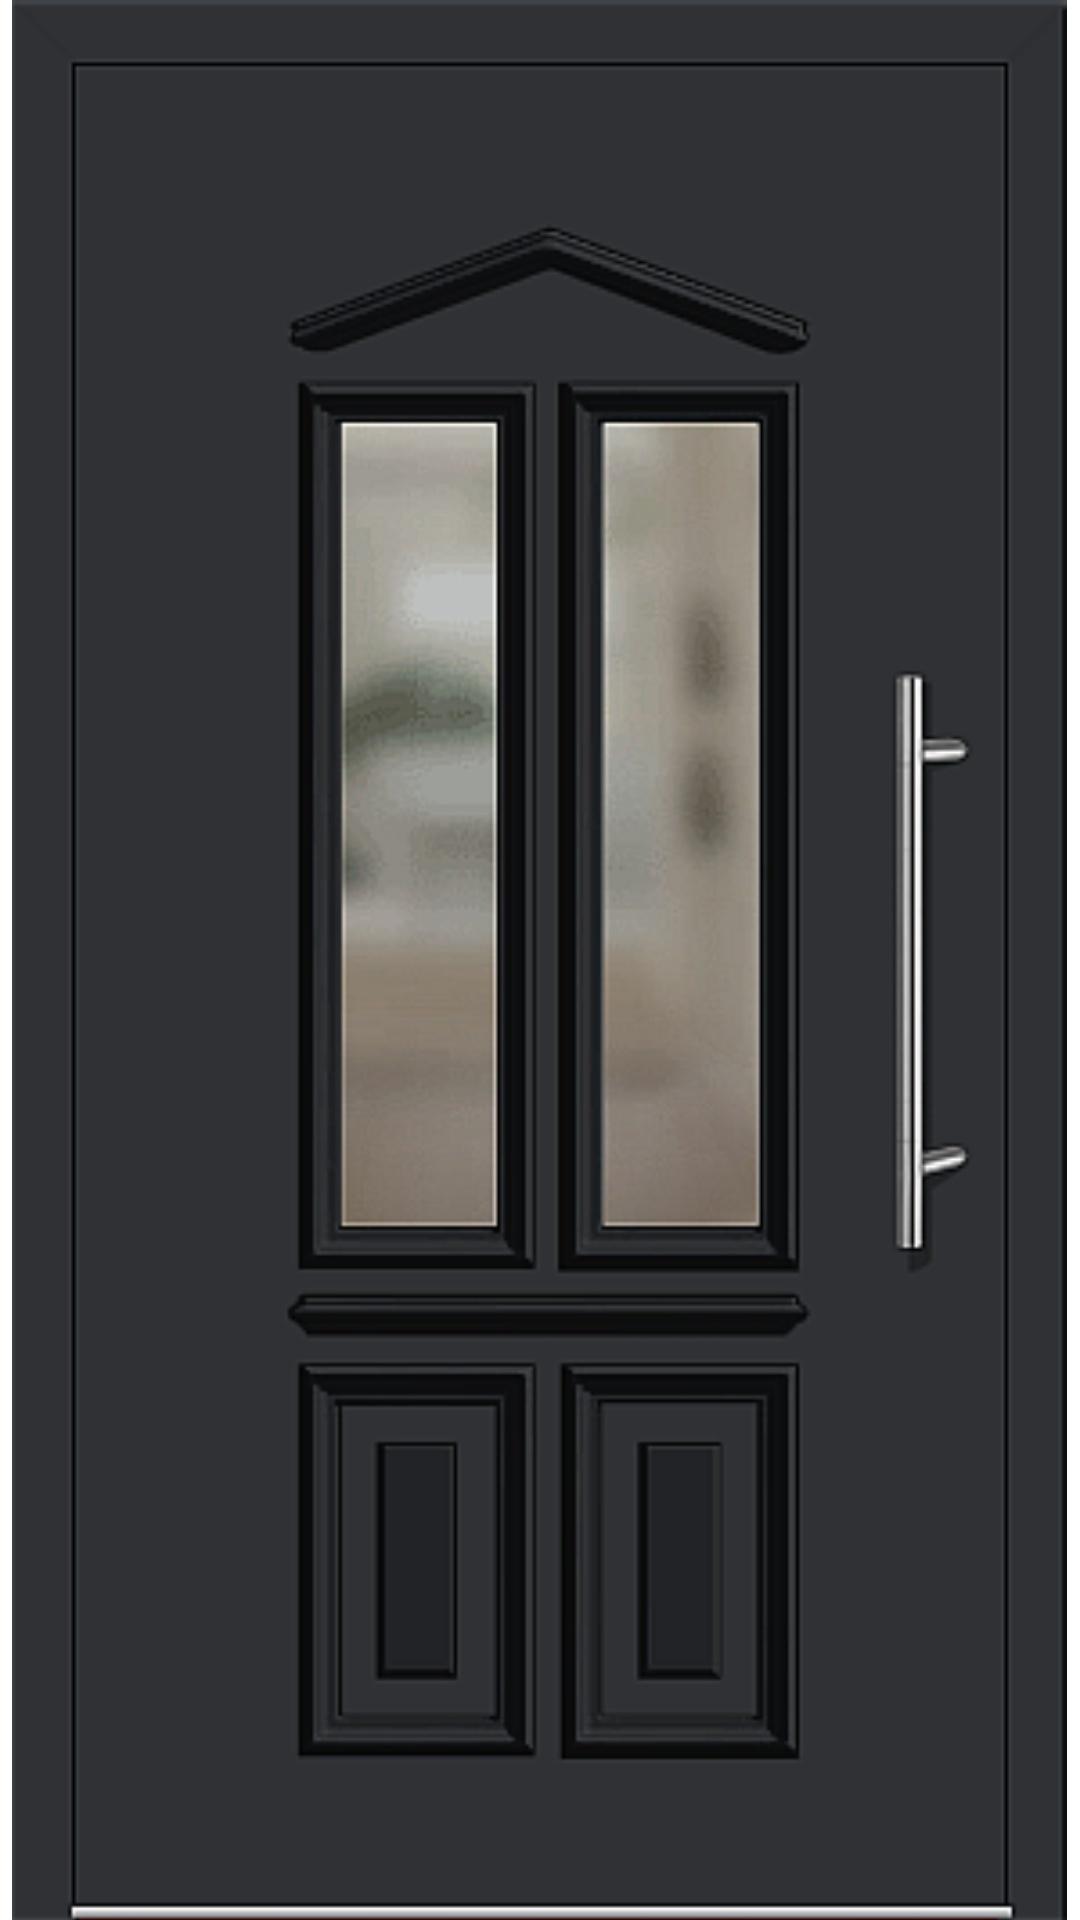 Kunststoff Haustür Modell 6460-10 schwarz